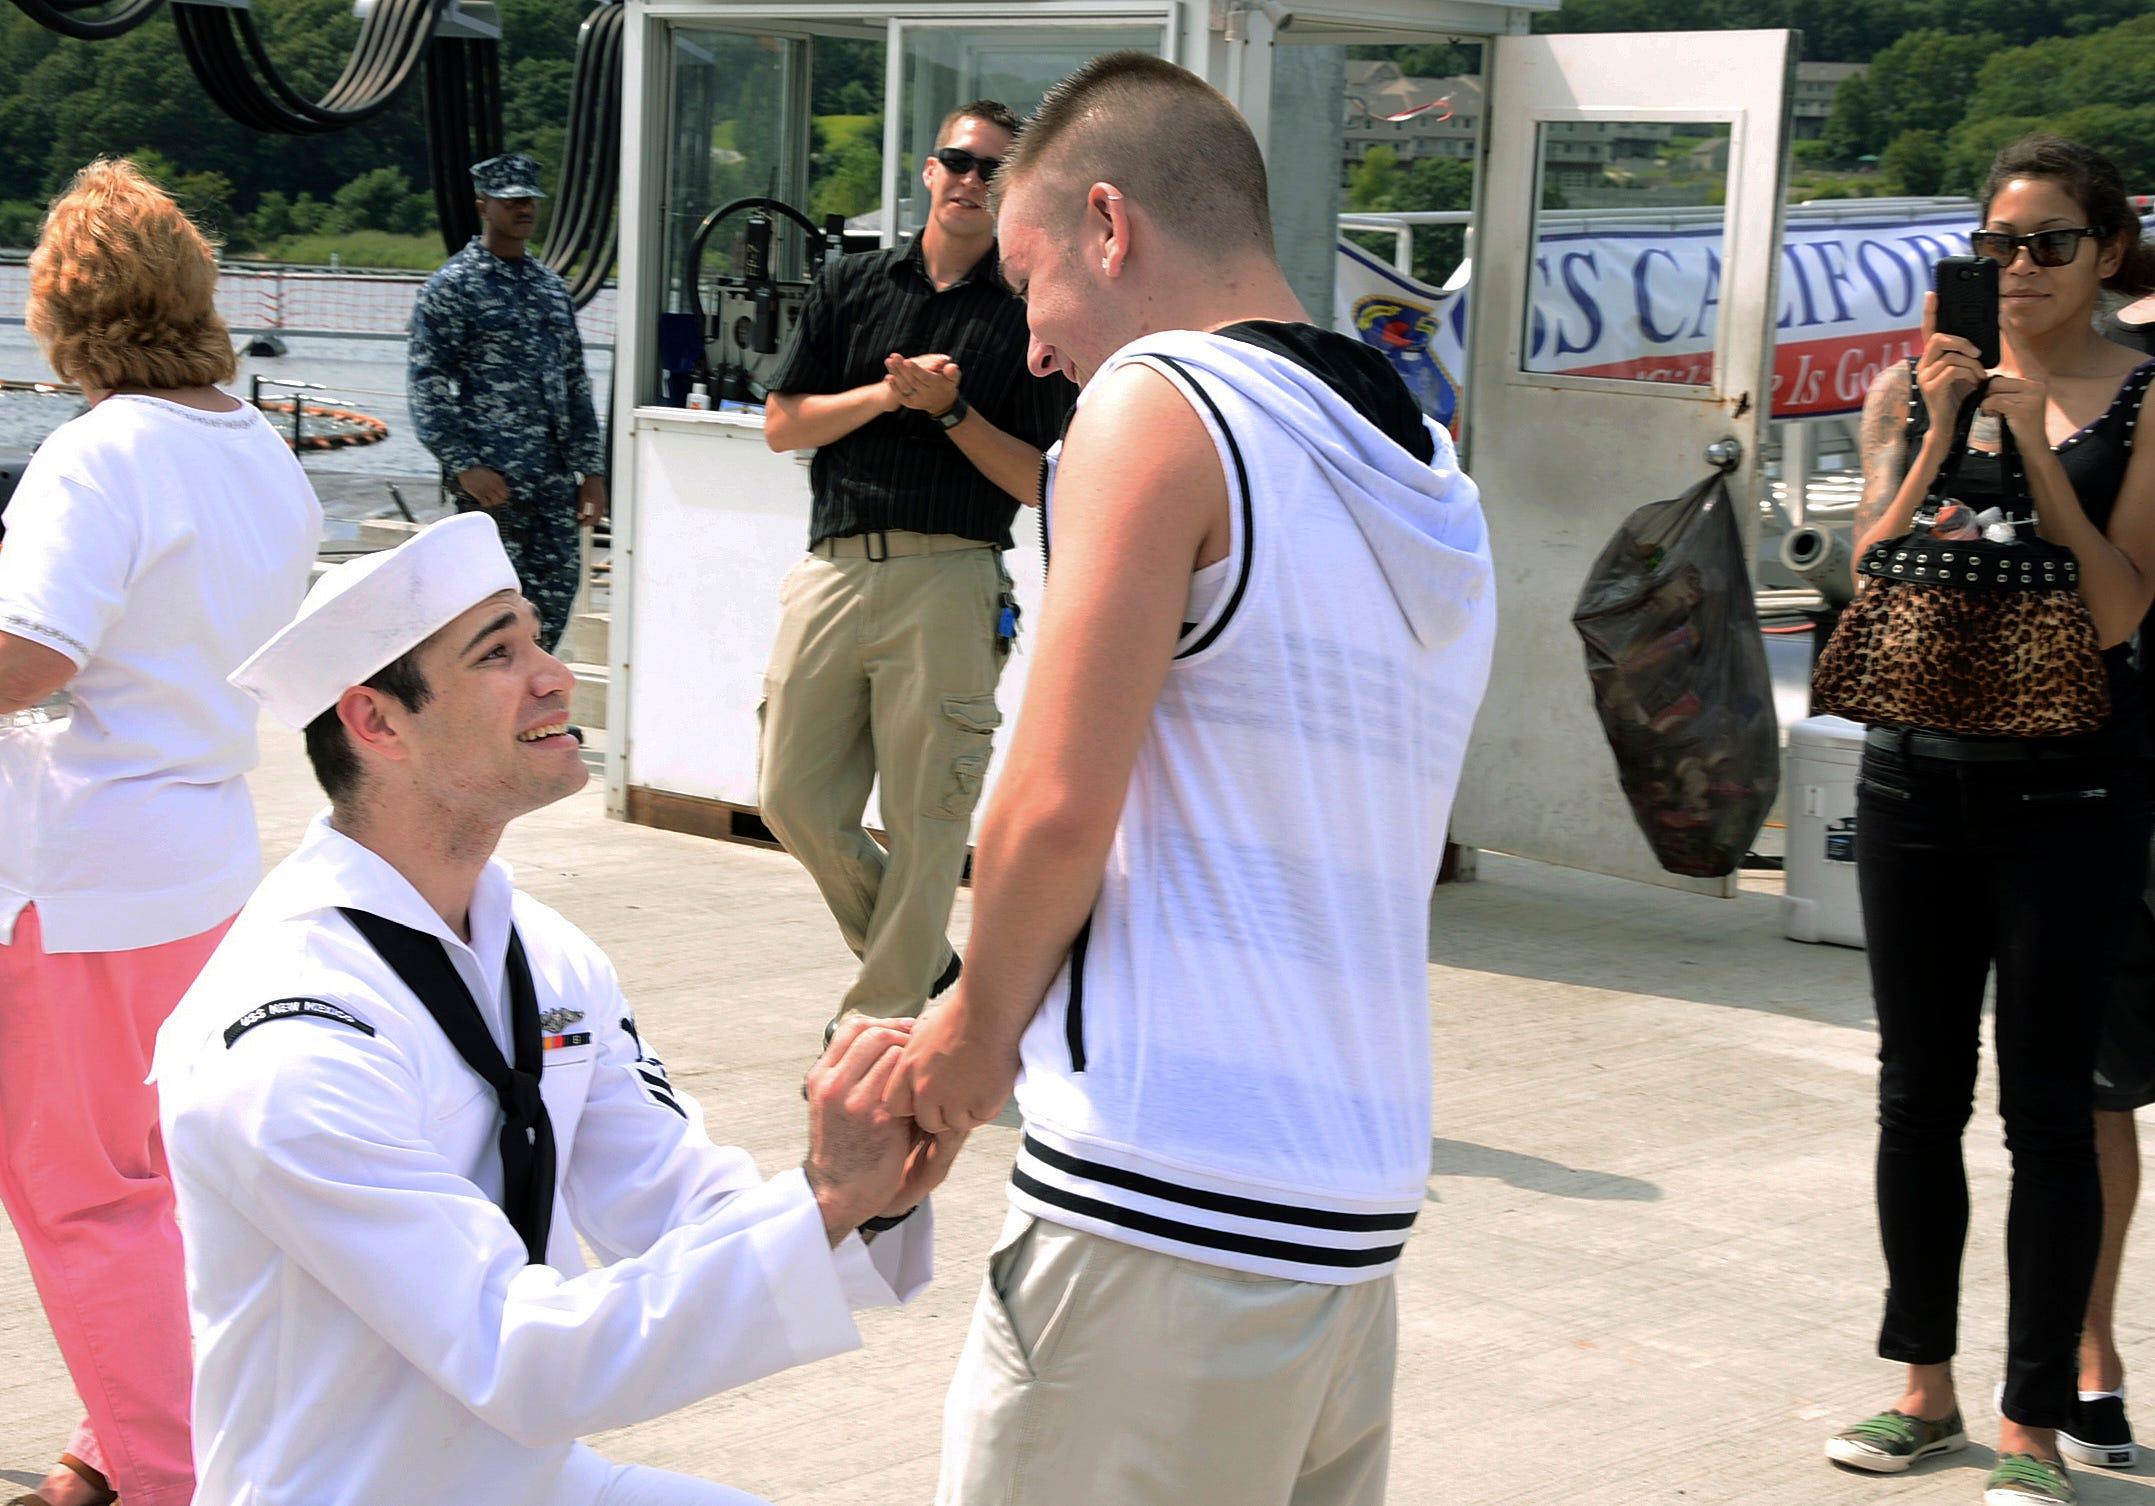 Us navy boyfriend